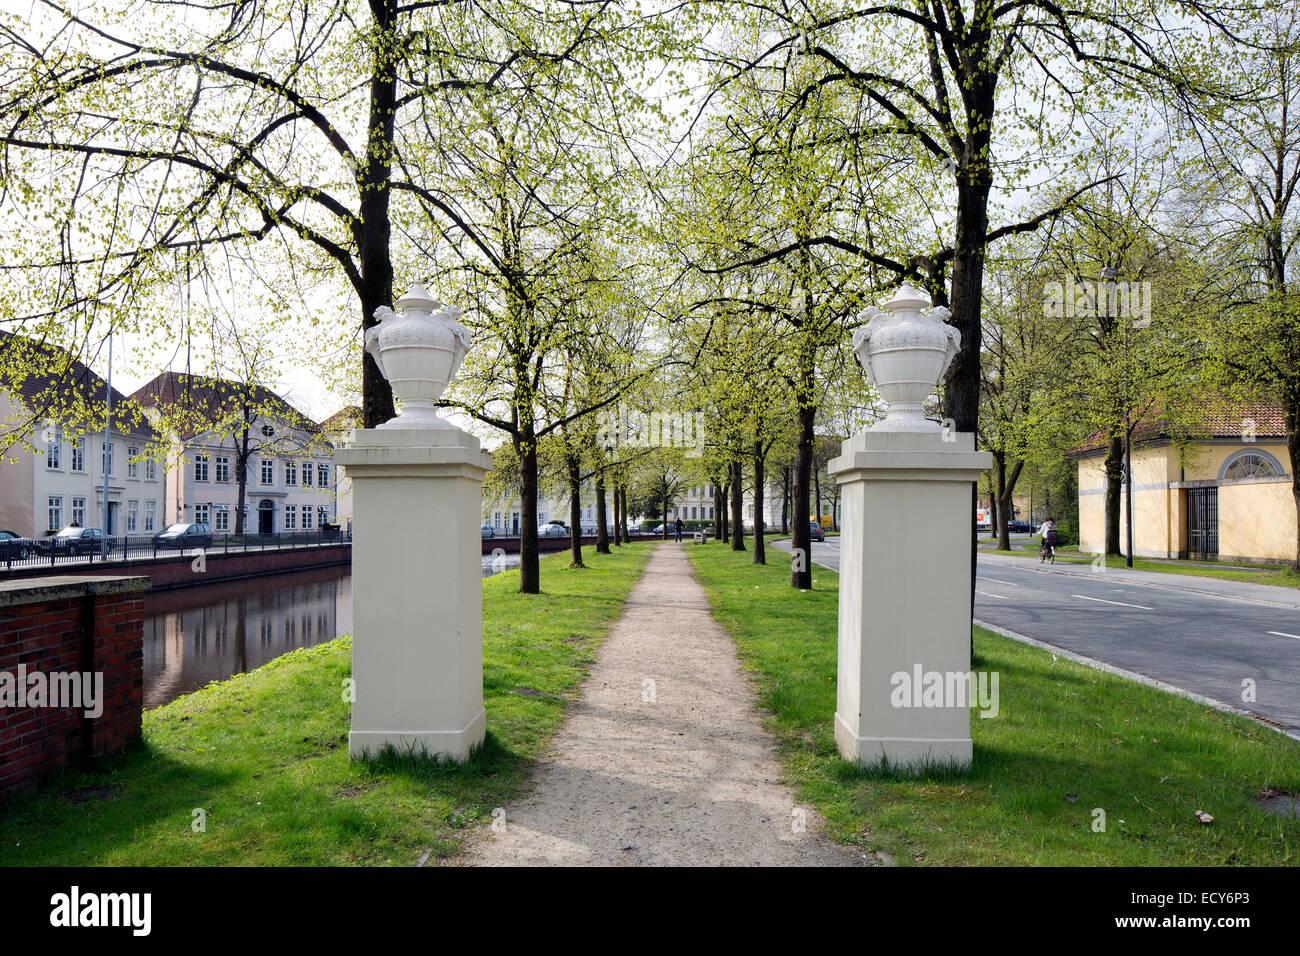 L'article de l'Oldenburg remparts sur Paradewall street, Oldenbourg, Basse-Saxe, Allemagne Photo Stock